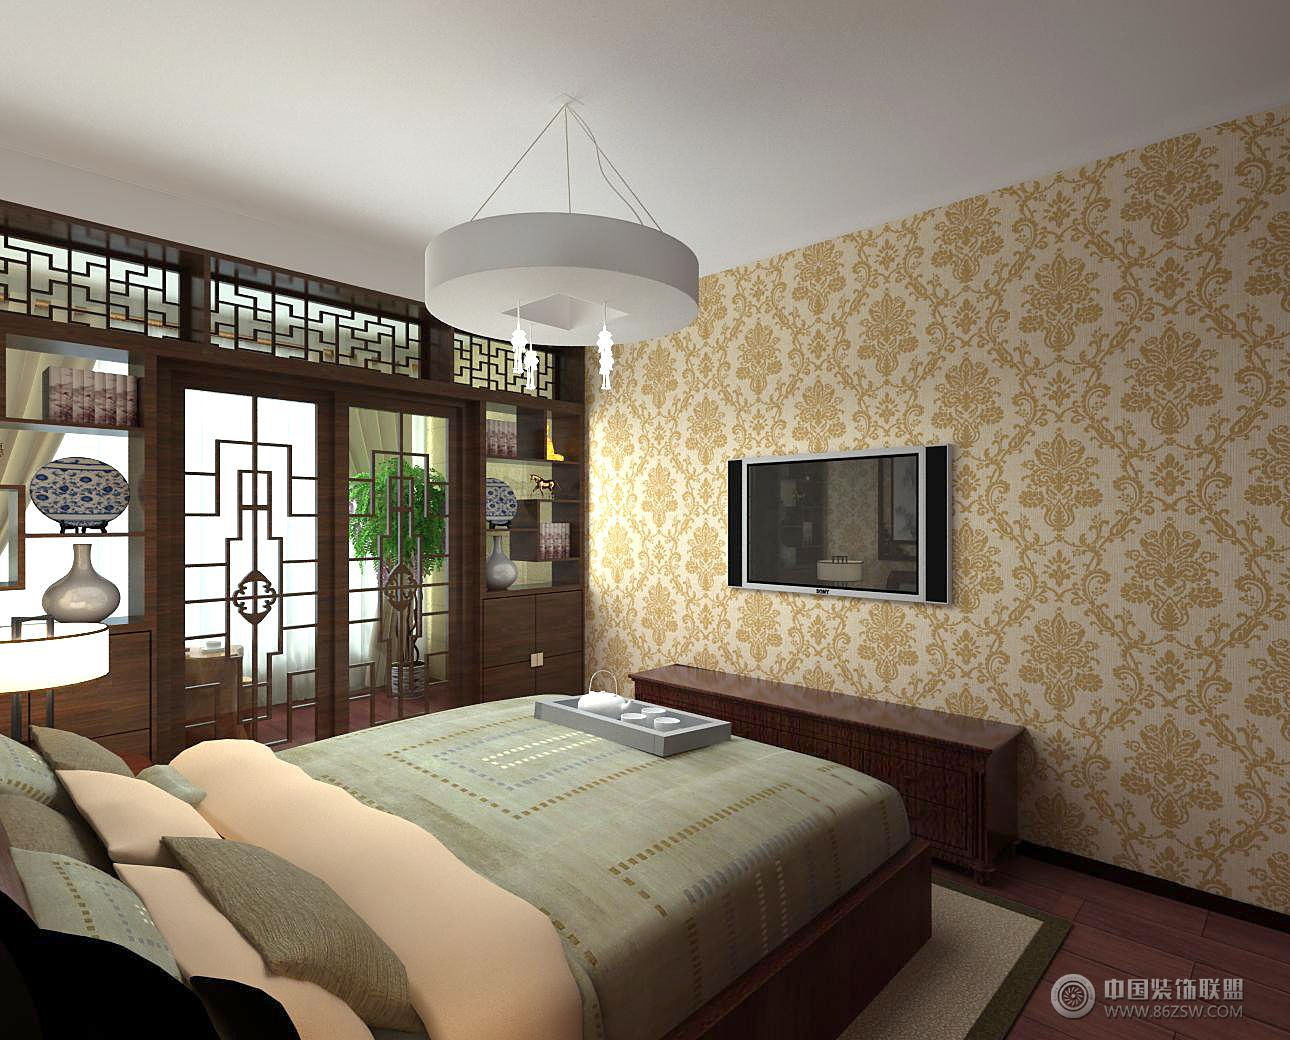 项王小区-客厅装修图片